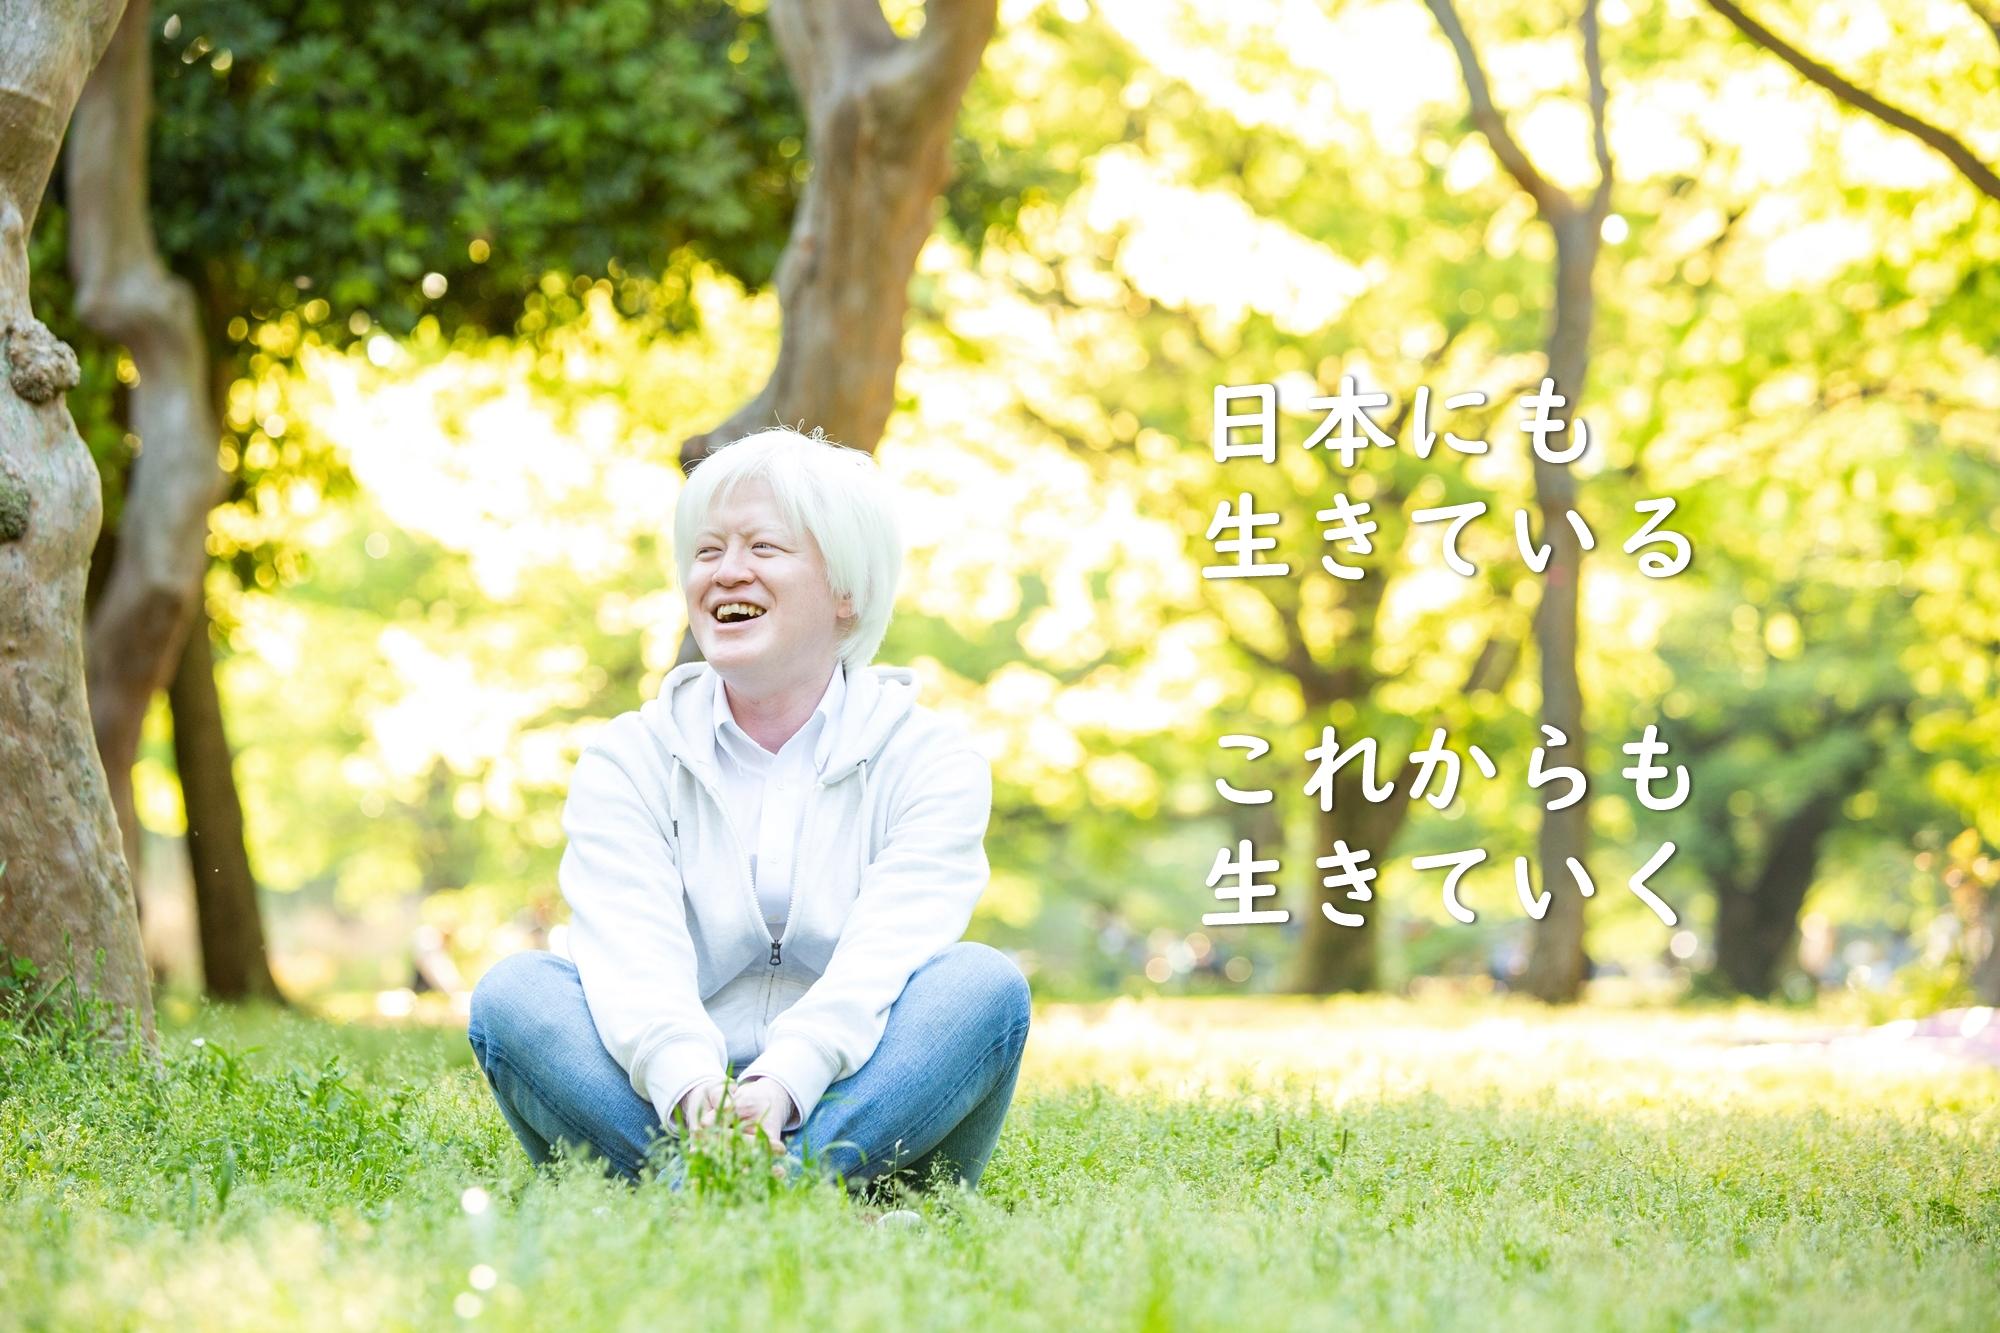 アルビノの人間は日本にも生きている